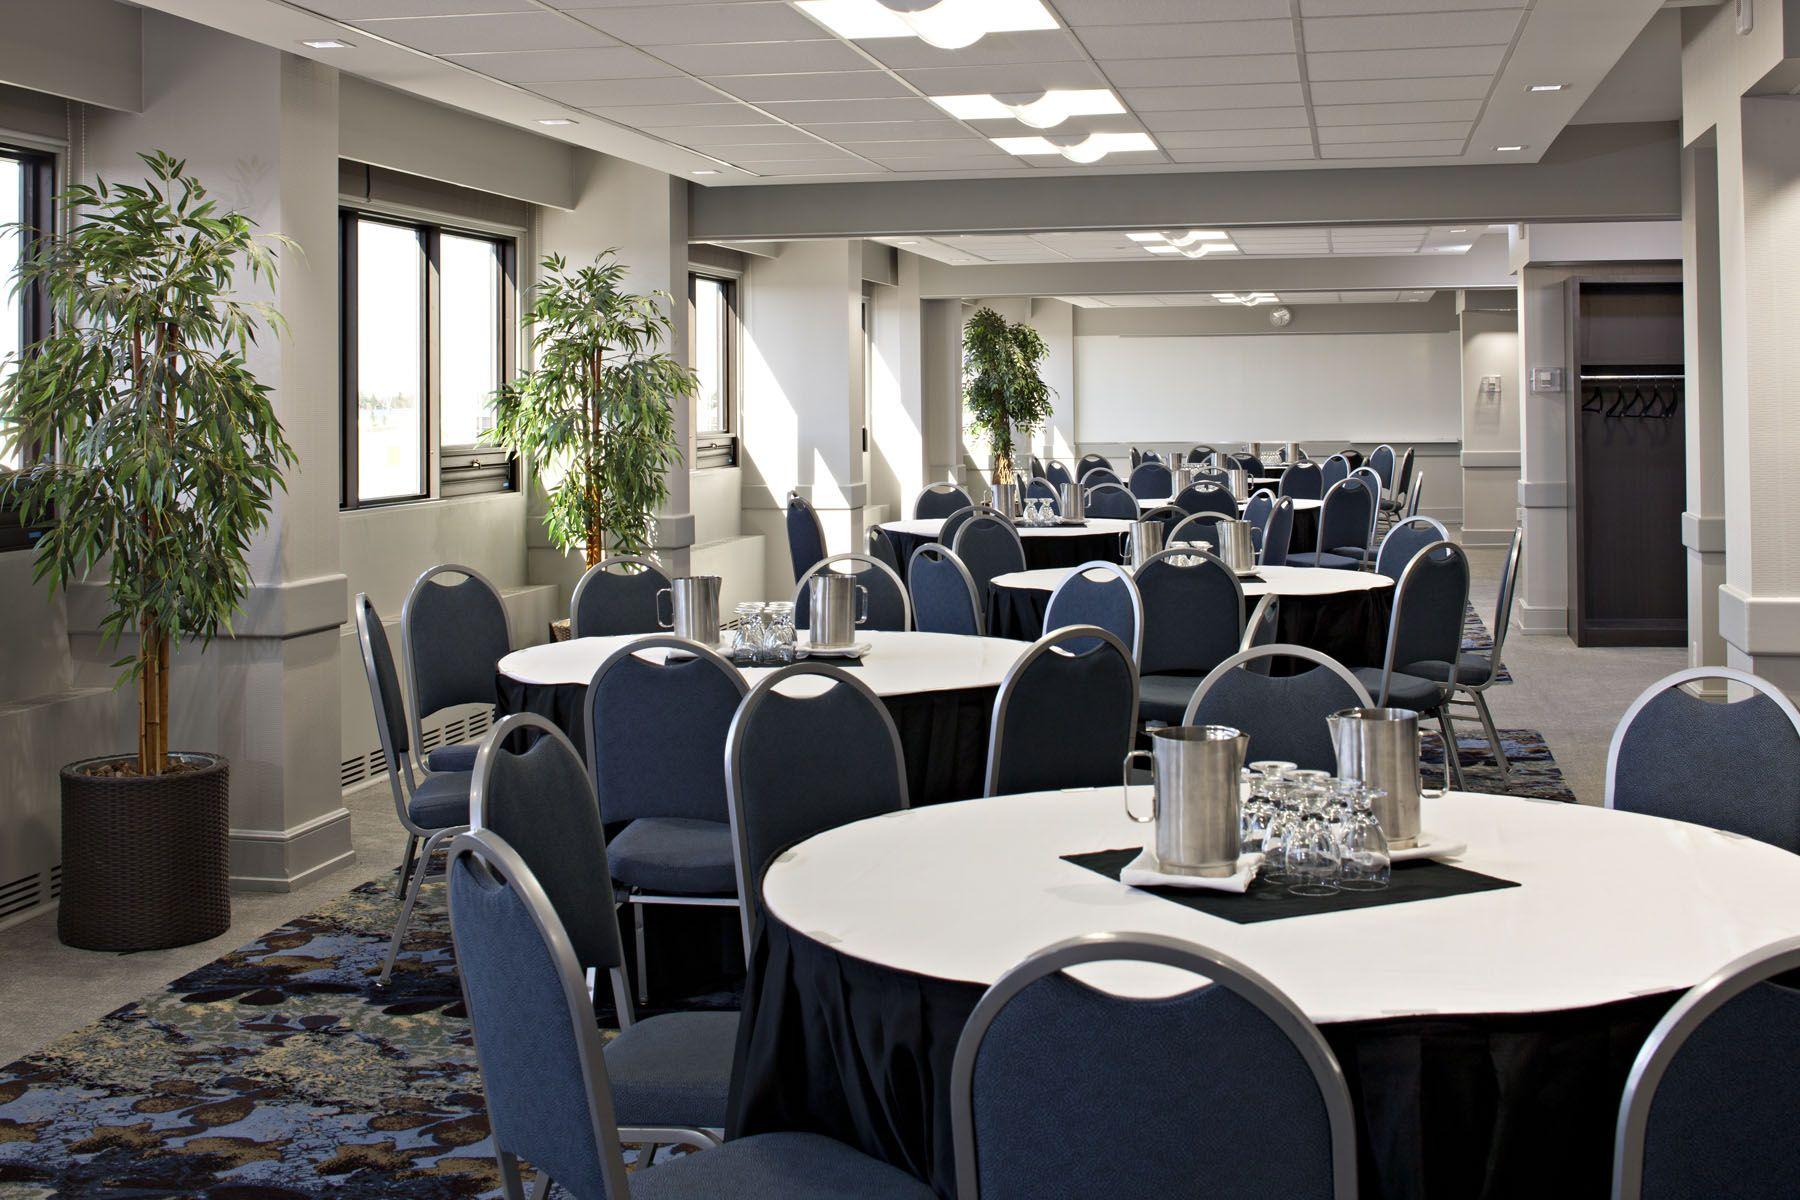 Glacier Room meetings events yeg yeghotels Room